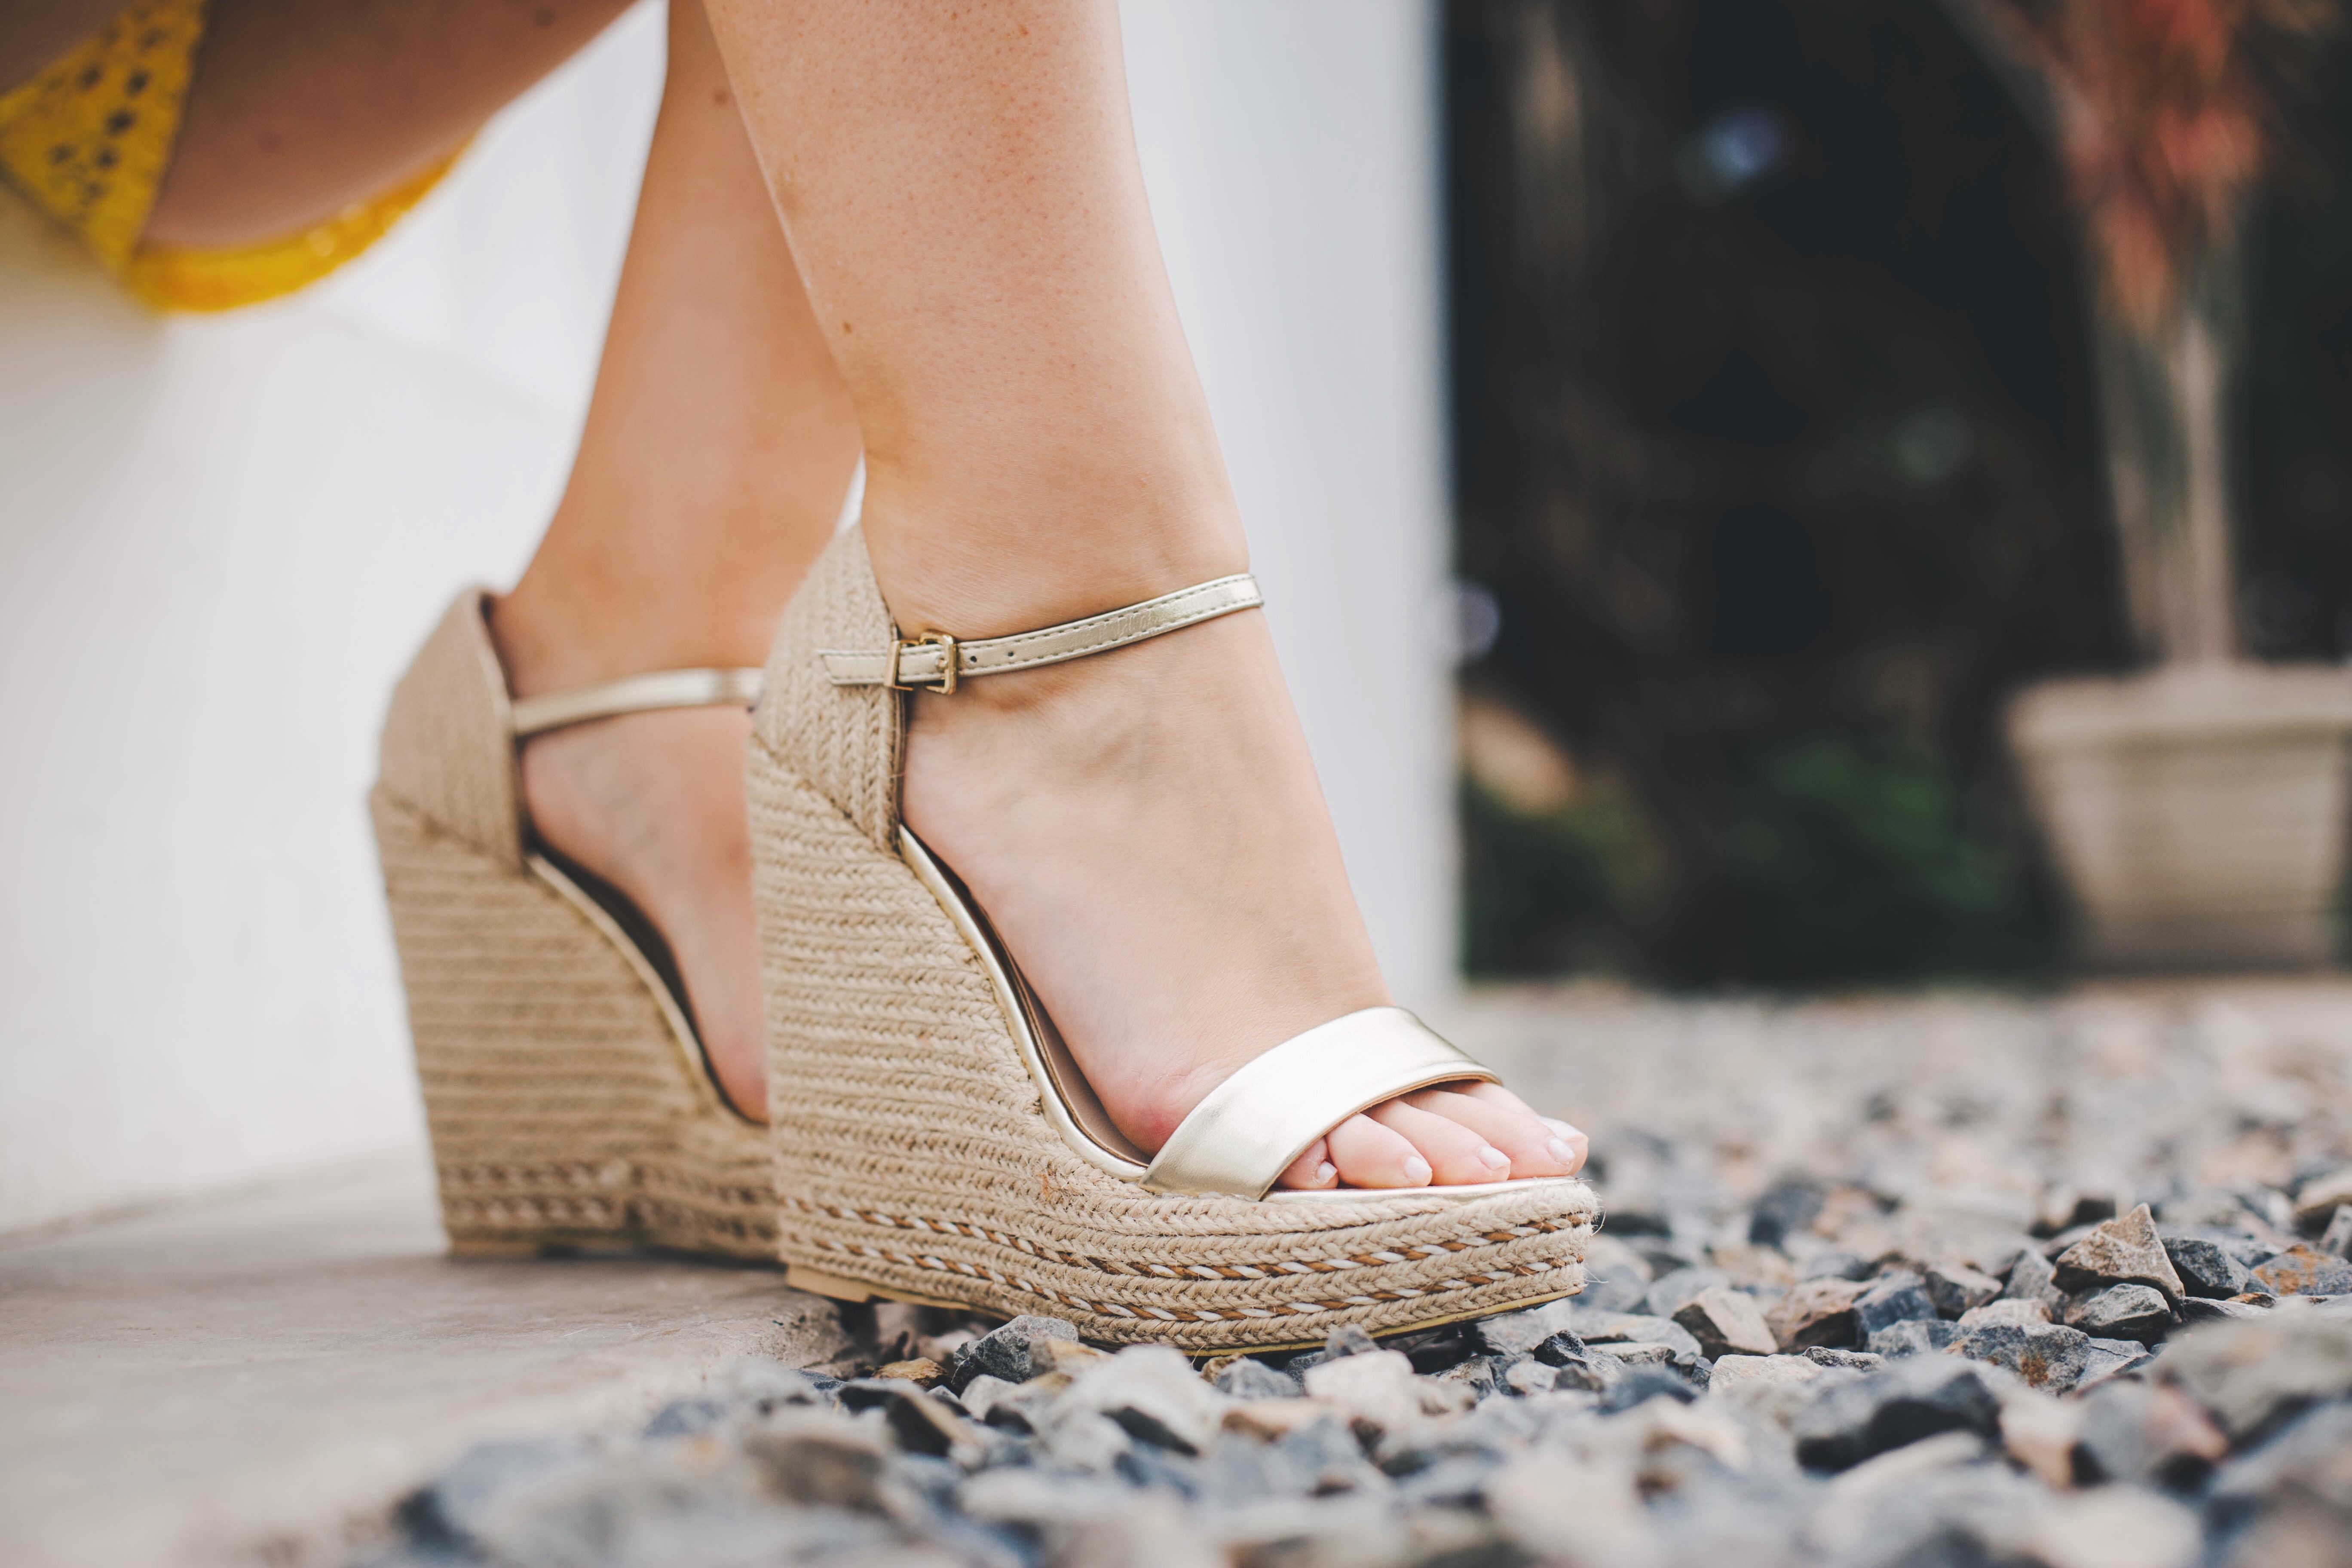 sandalias doradas con cuña